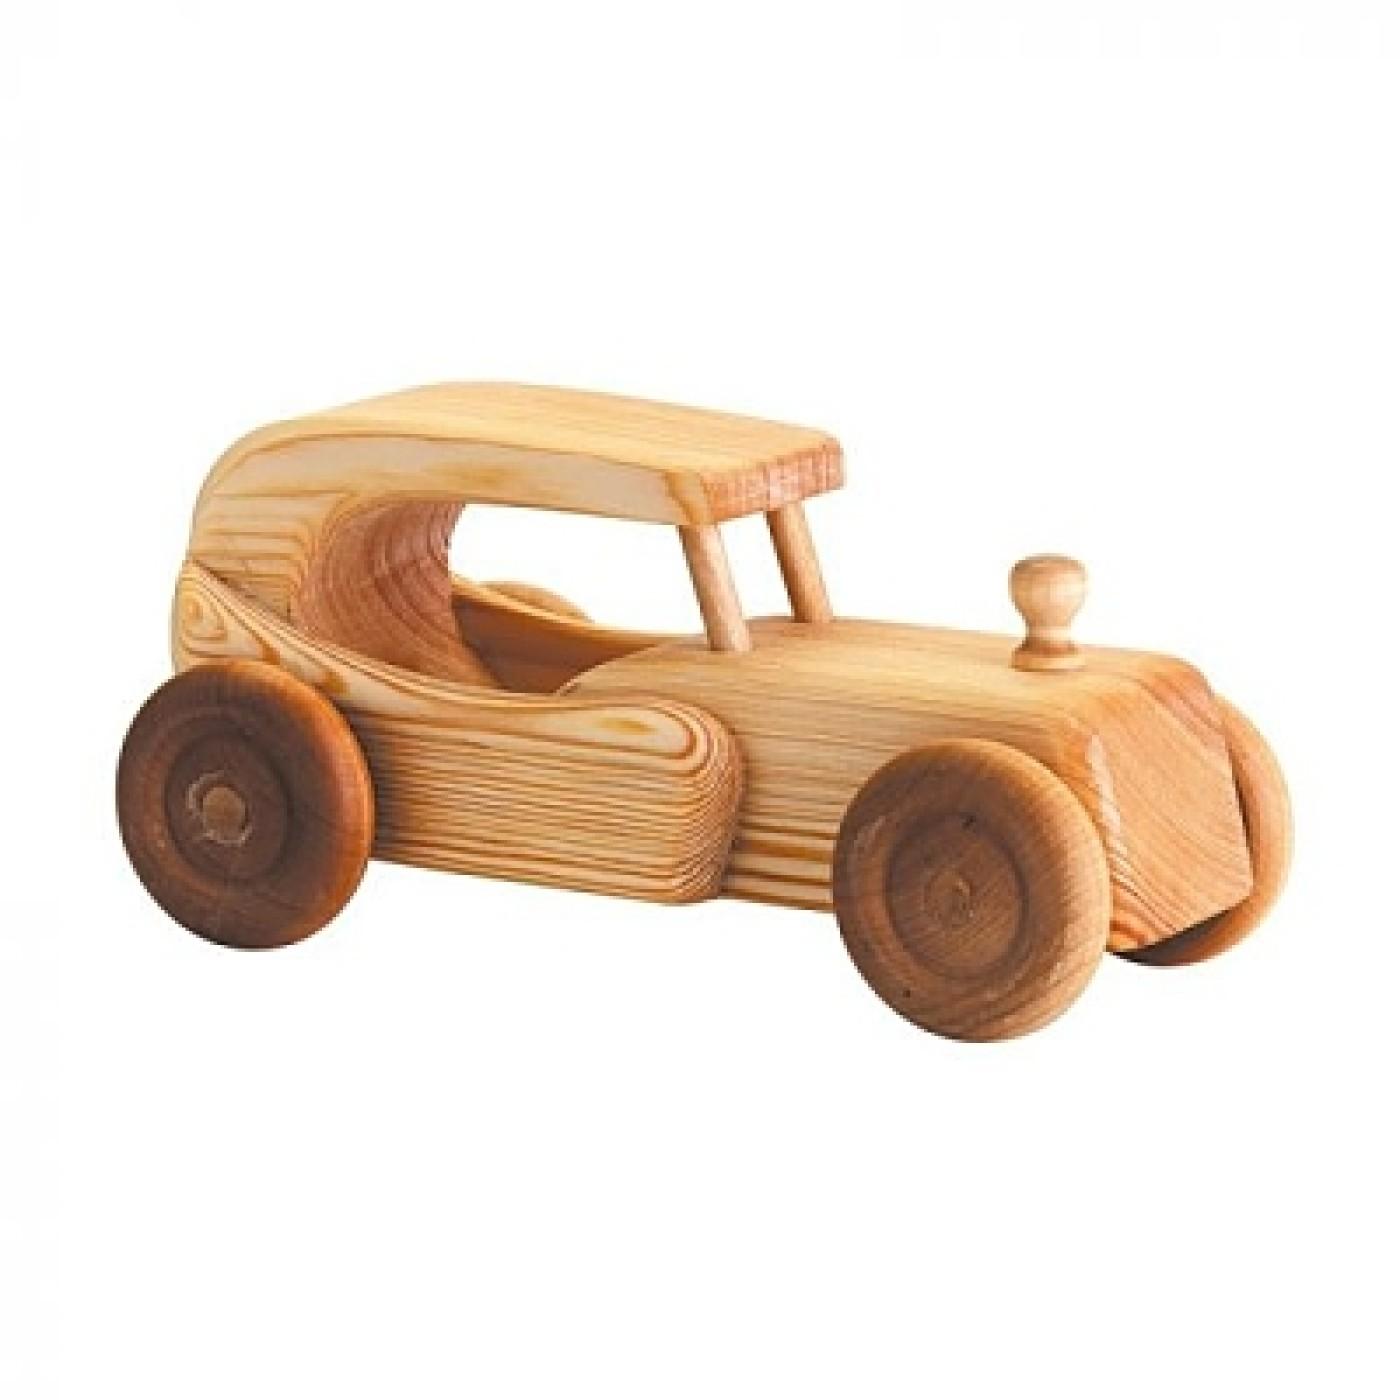 Debresk Wooden Toy Car Large